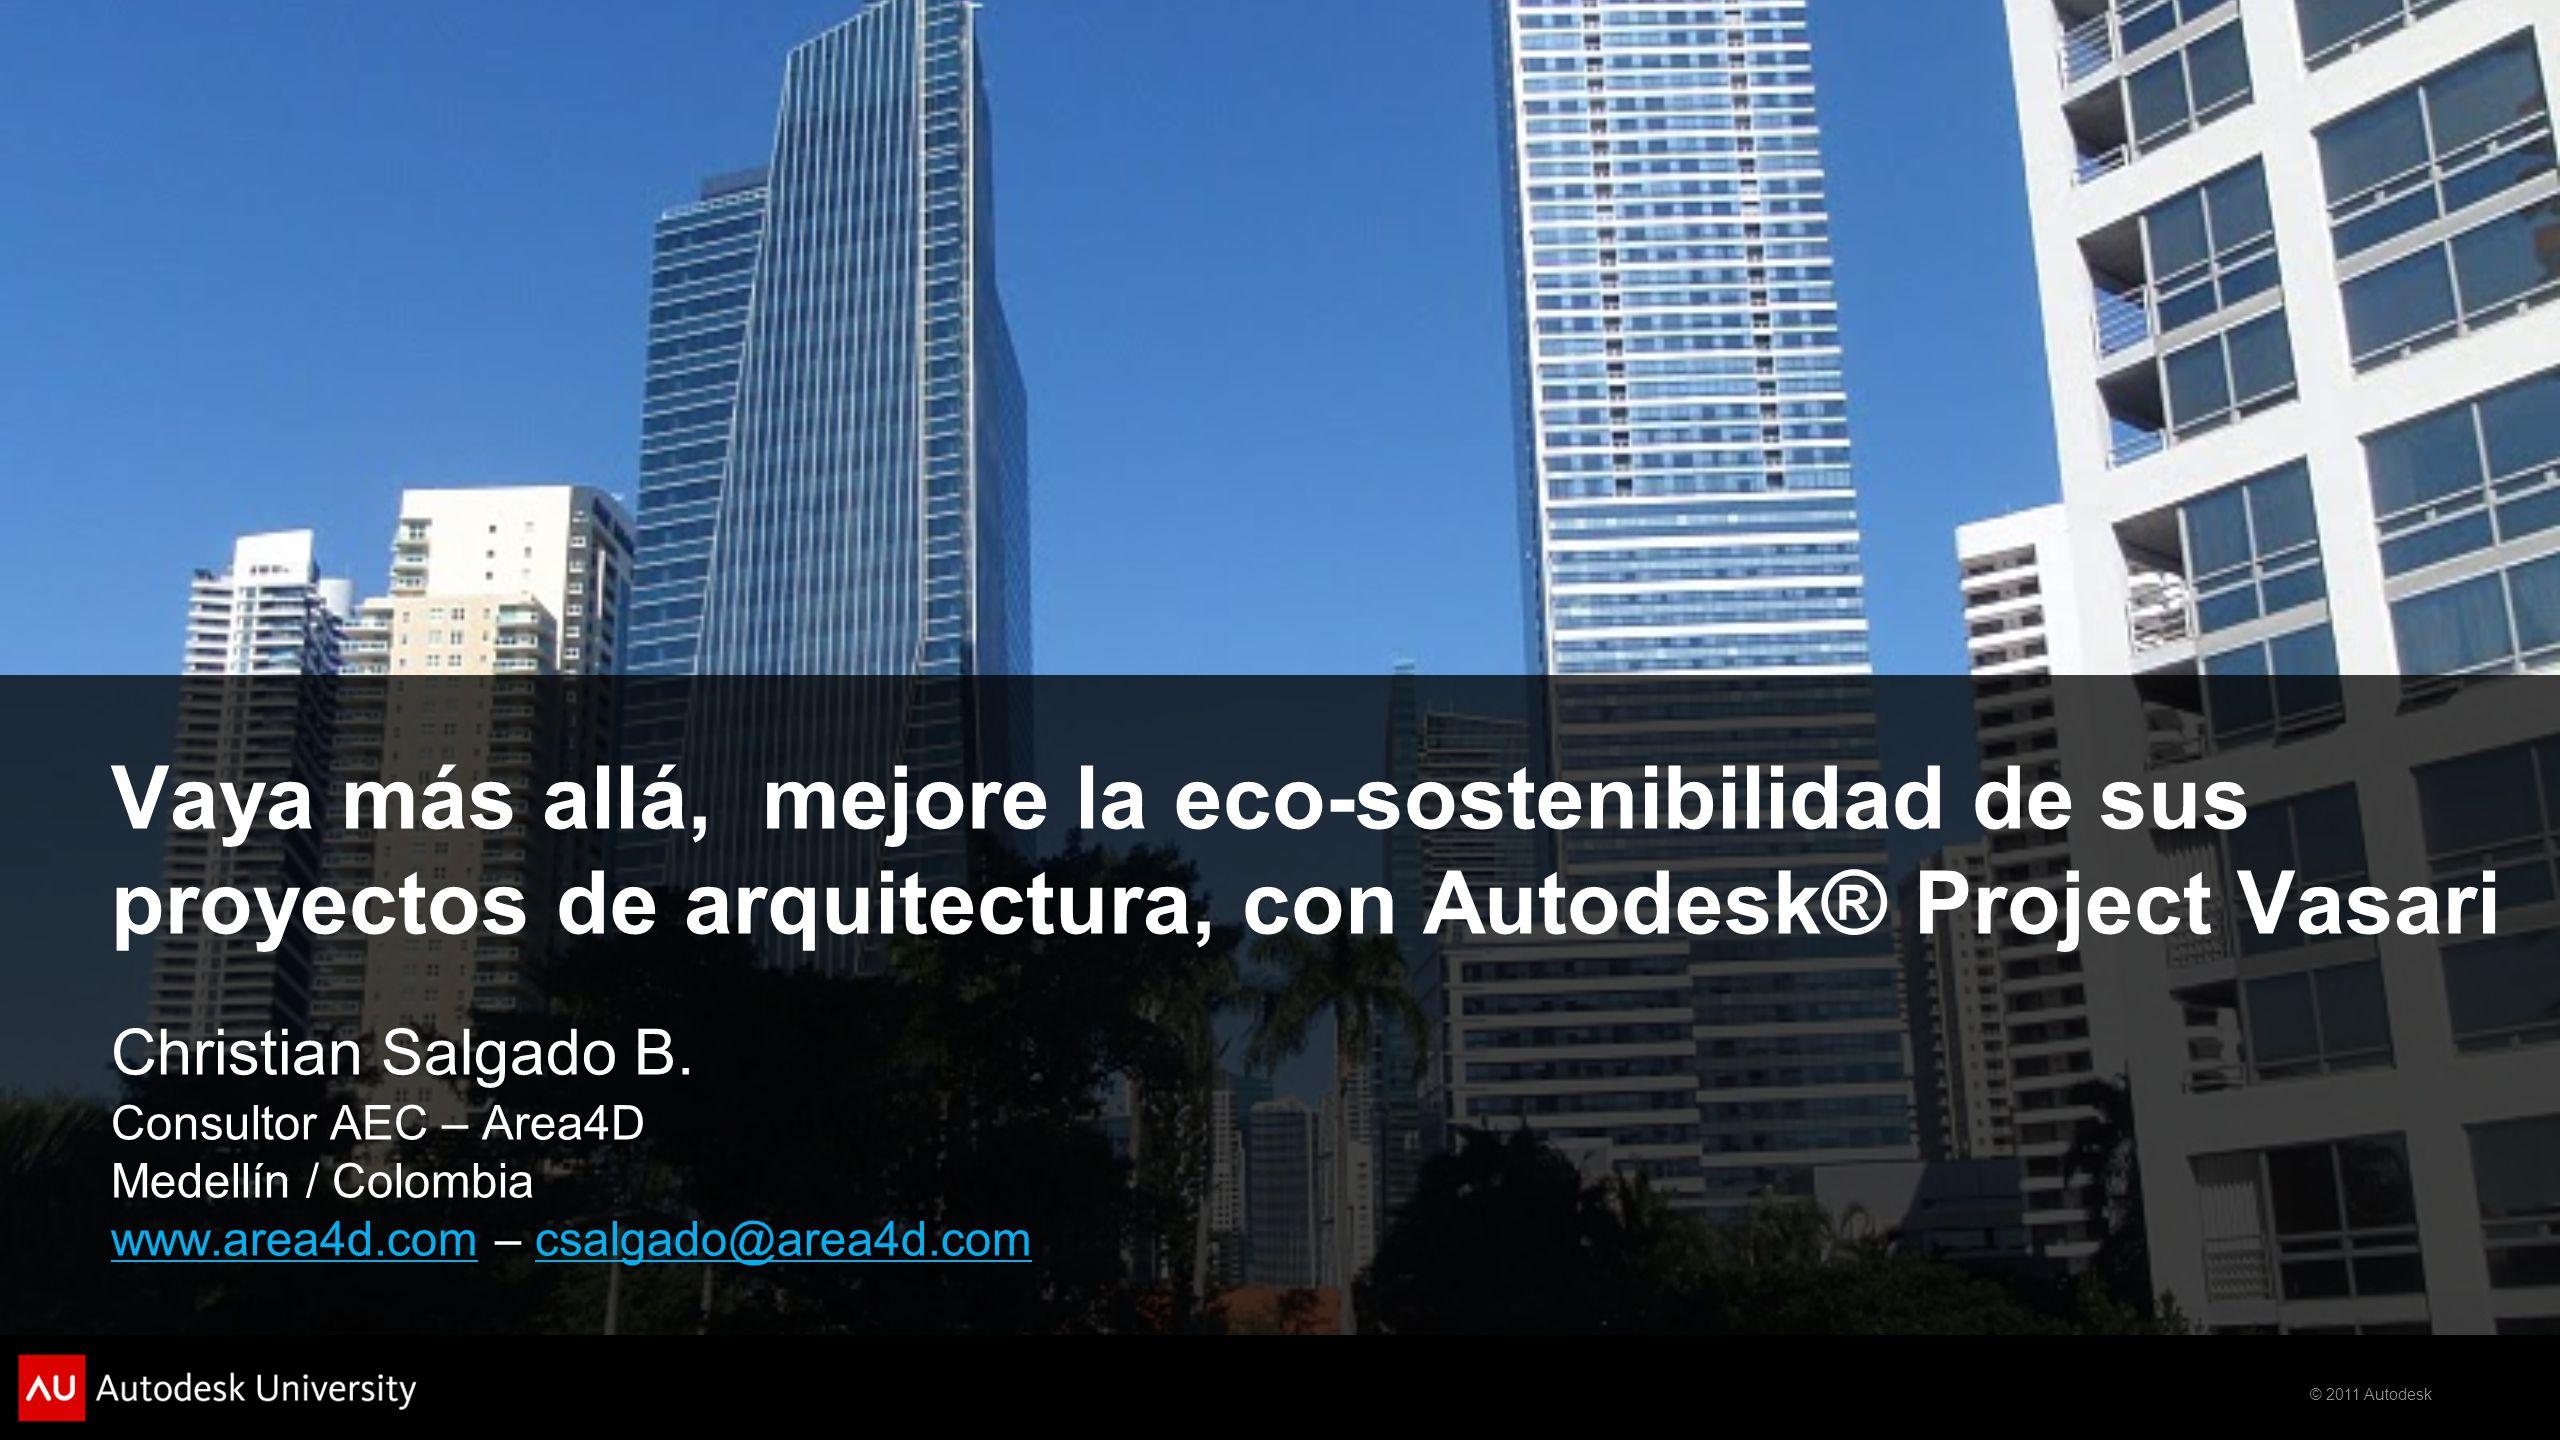 Vaya más allá, mejore la eco-sostenibilidad de sus proyectos de arquitectura, con Autodesk® Project Vasari